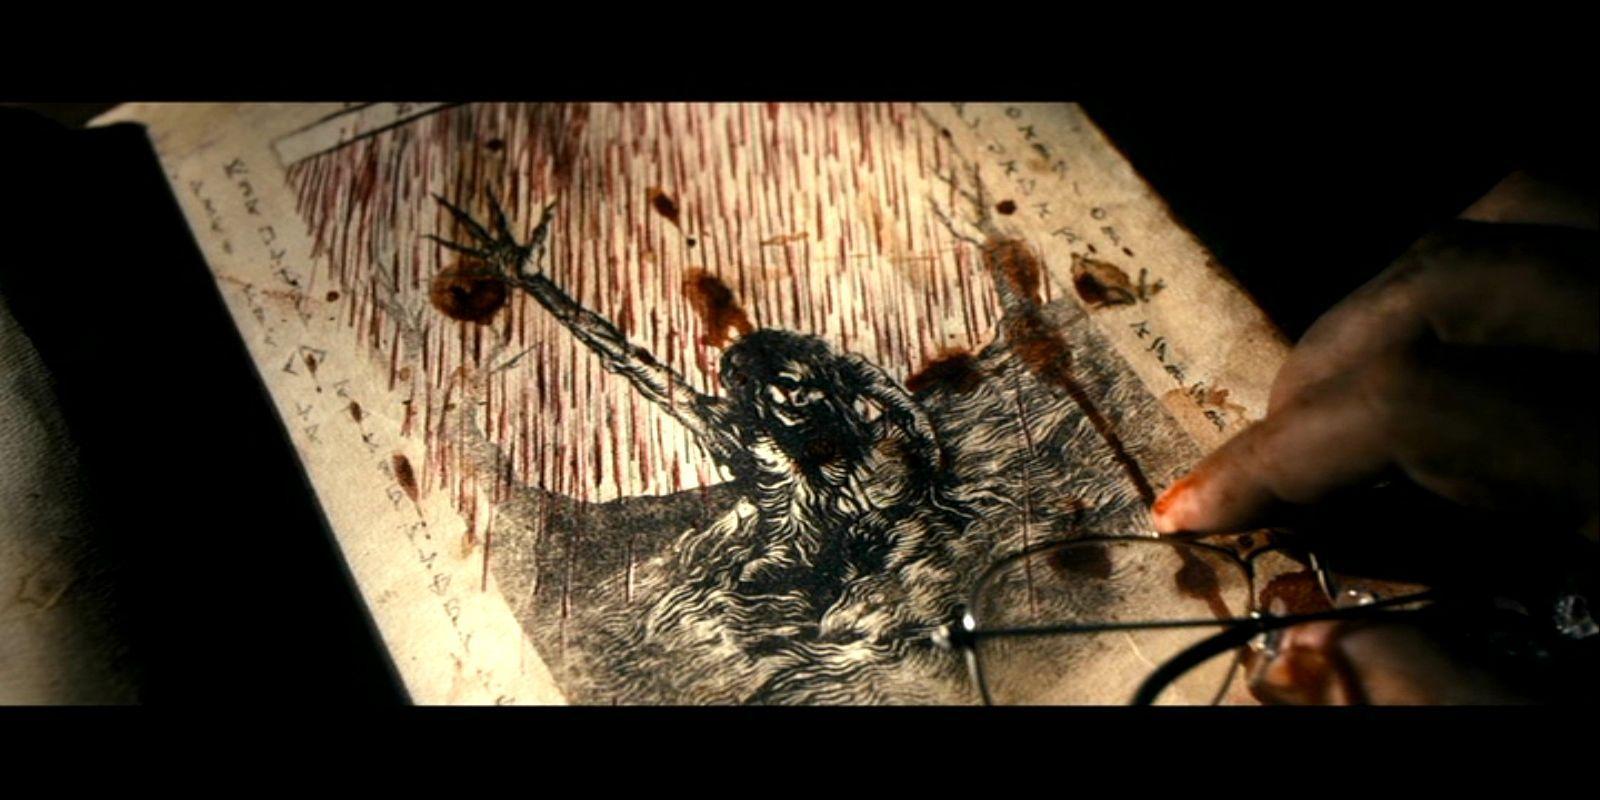 Evil Dead 2016 Wallpapers - Wallpaper Cave